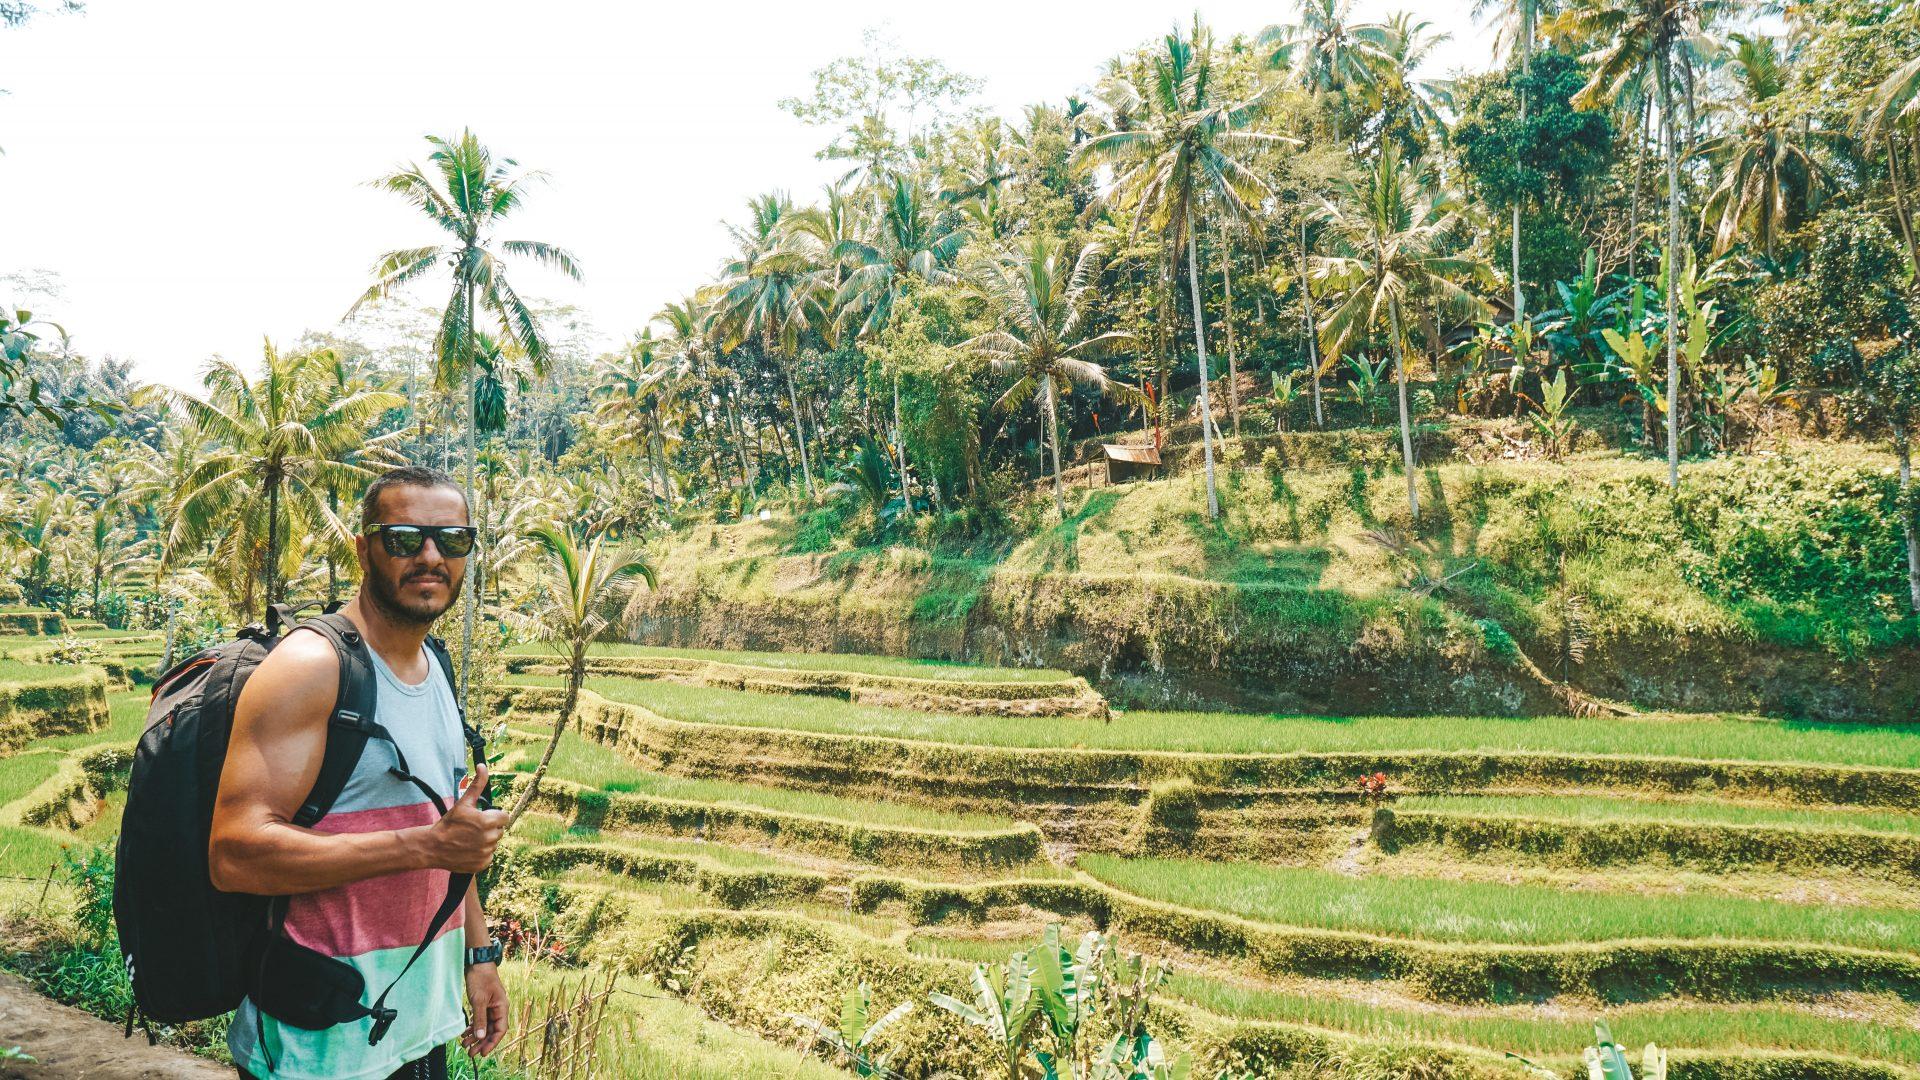 Los arrozales Tegalaland y templos cercanos